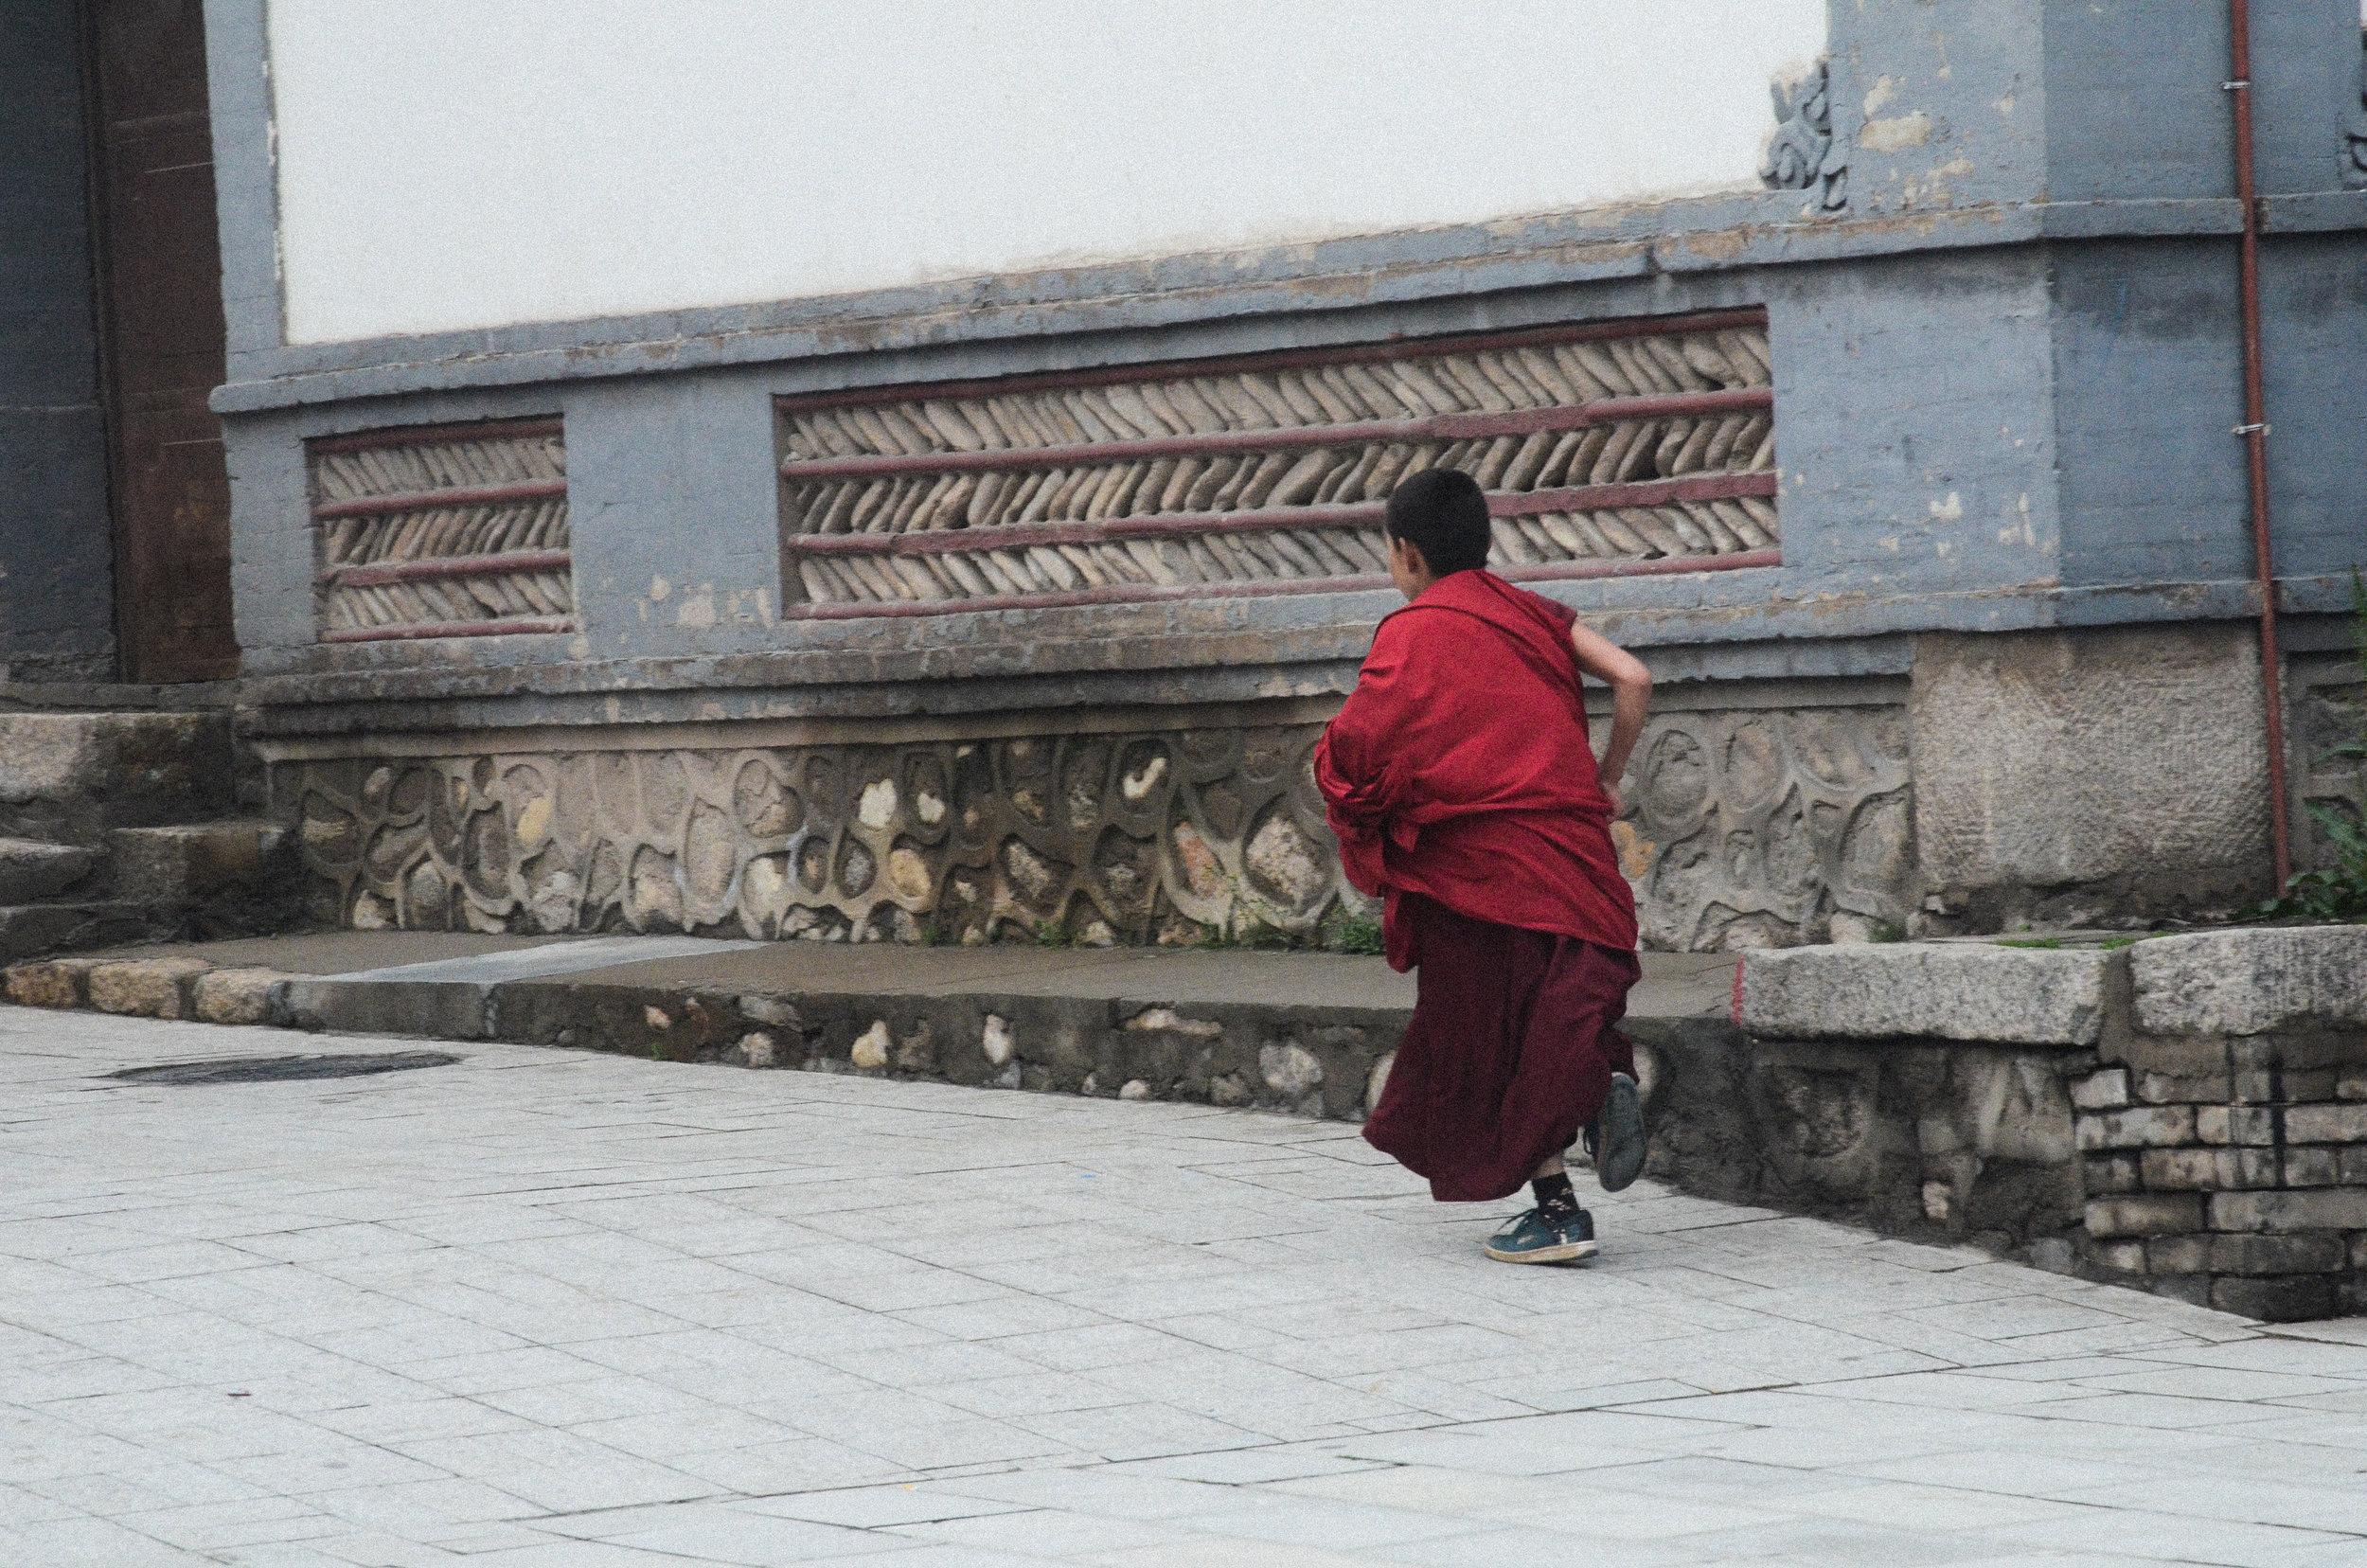 (Photography) Young Lama, Qinghai, China, 2015.